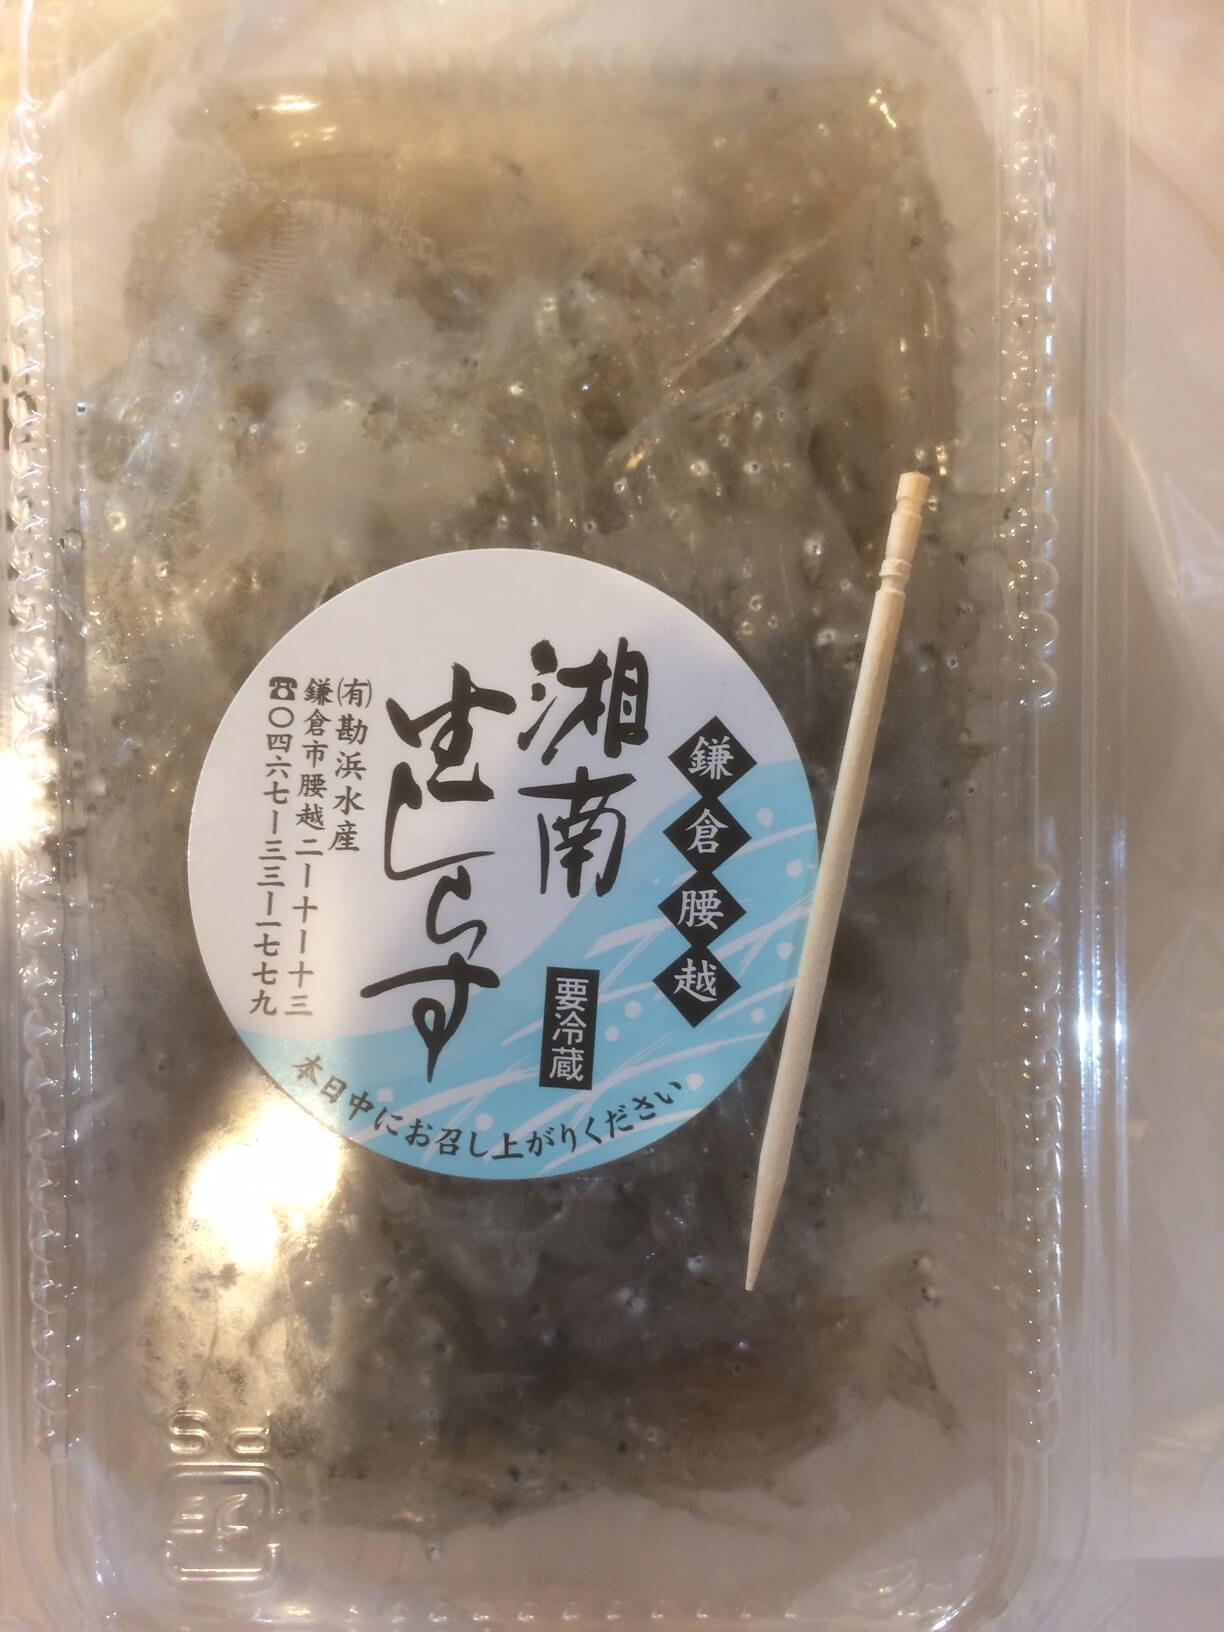 勘兵水産の生シラス500円分